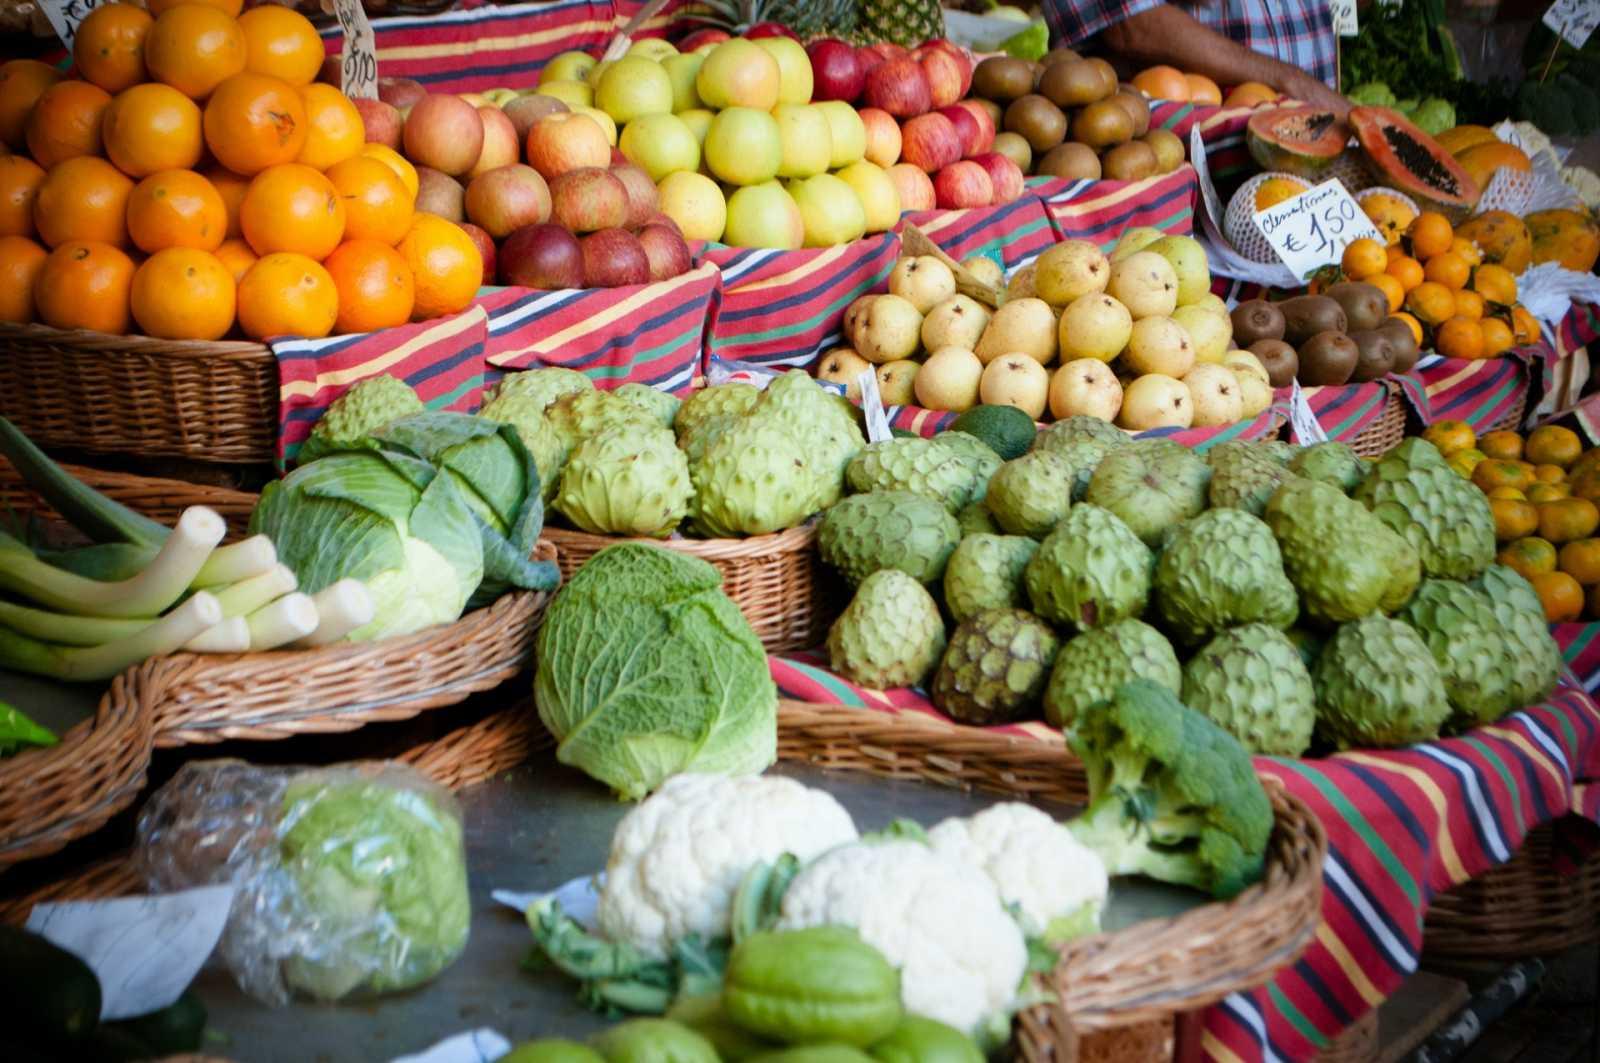 ¡Empieza el día con energía con estos alimentos!